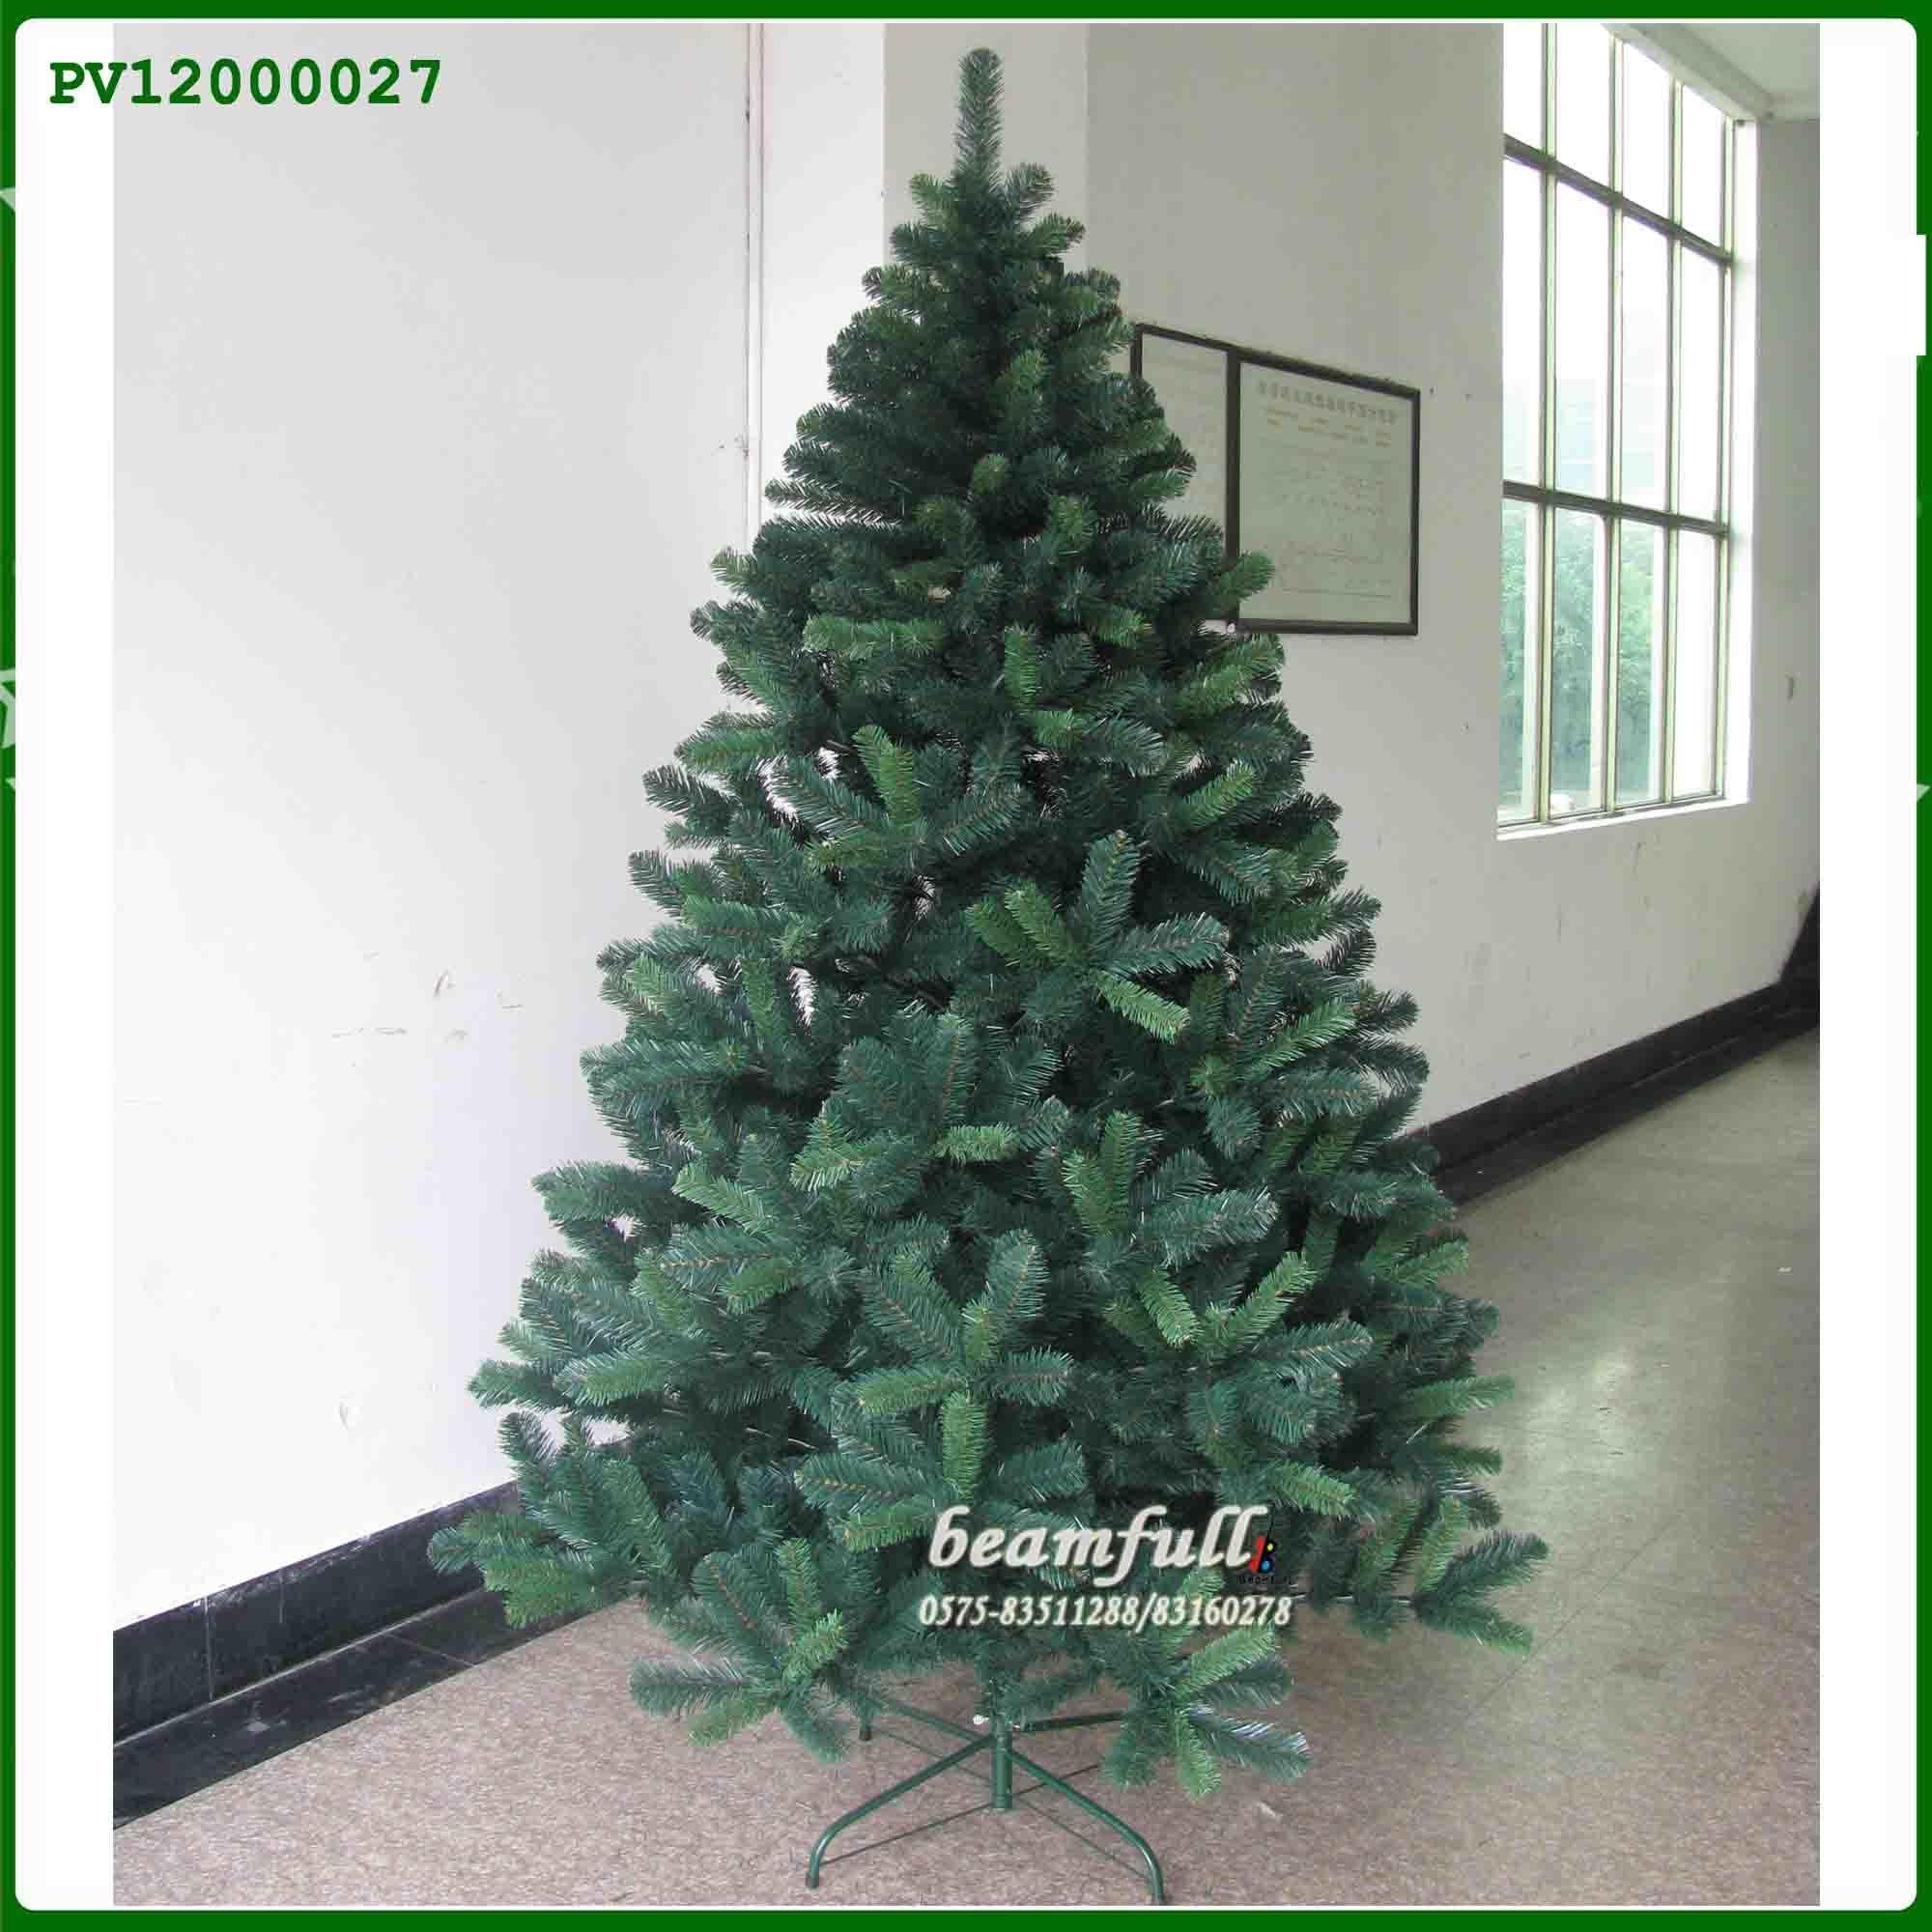 Rbol de navidad artificial verde pv12000027 rbol de - Arbol de navidad artificial ...